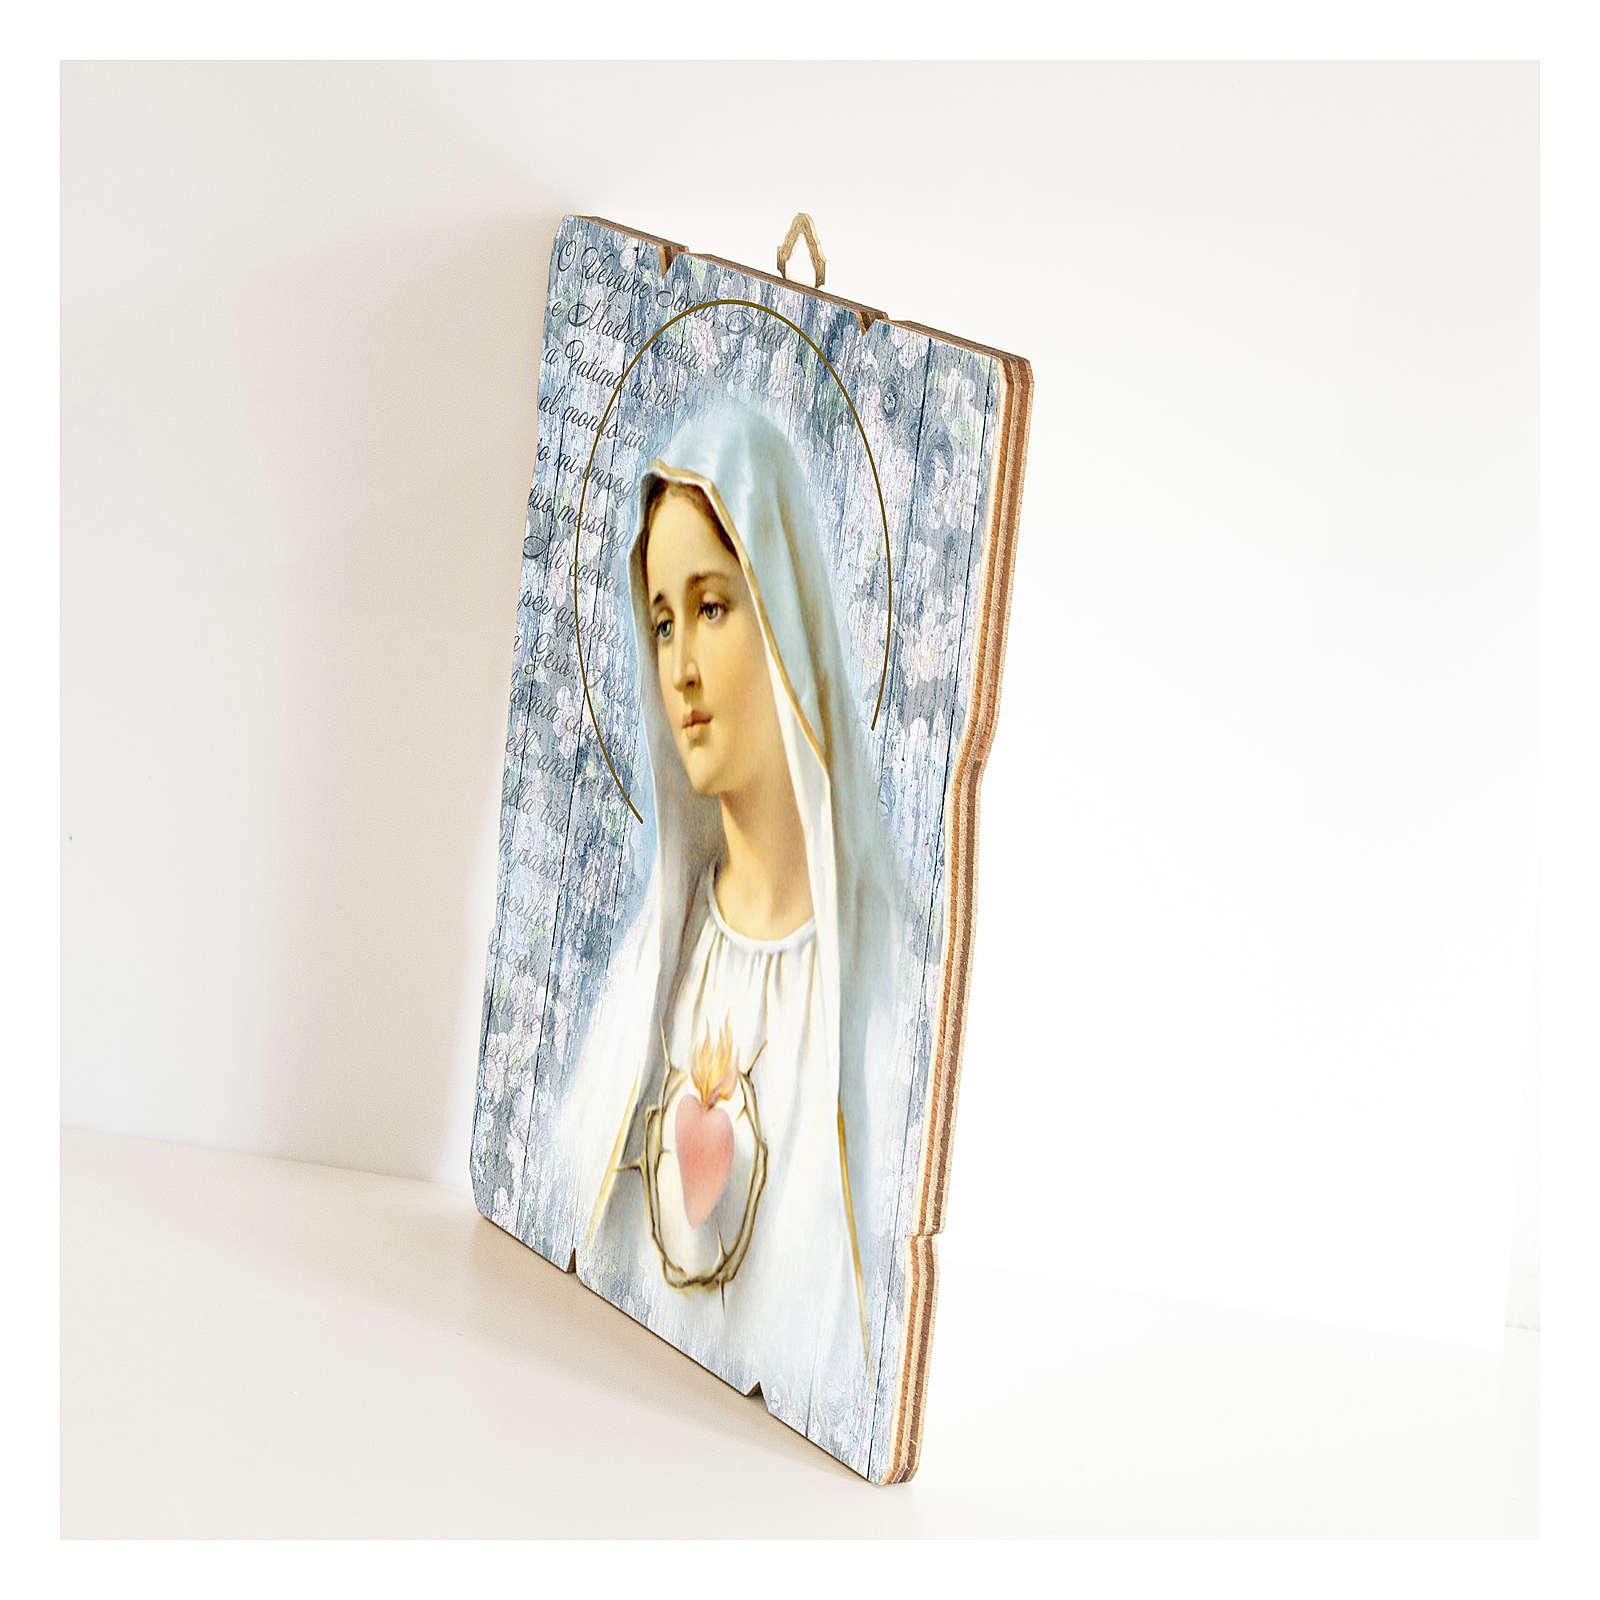 Cuadro madera perfilada gancho parte posterior de la Virgen de Fátima 3